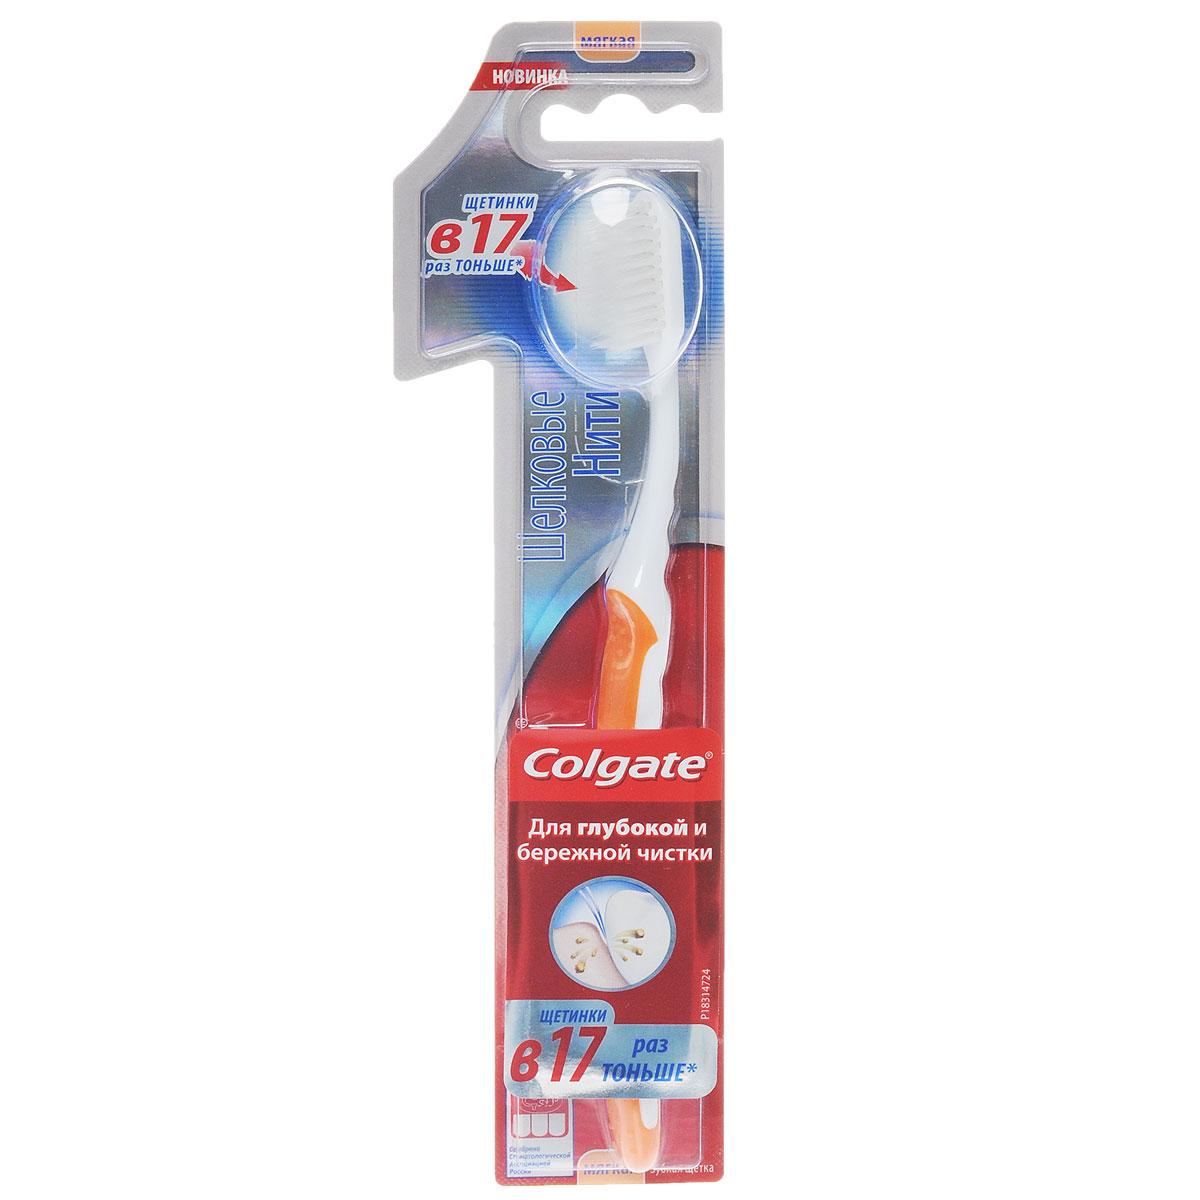 Colgate Зубная щетка Шелковые нити, с мягкой щетиной, цвет: оранжевыйFCN21701_оранжевыйColgate Шелковые нити - зубная щетка с мягкой щетиной. Специально разработанные щетинки зубной щетки в 17 раз тоньше и лучше удаляют зубной налет, остатки пищи из межзубных промежутков и вдоль линии десен.Эргономичная рифленая ручка не скользит в ладони, амортизирует давление руки на нежную поверхность десен. Товар сертифицирован. Длина щетки: 19,5 см.Размер рабочей поверхности: 3 см х 1,5 см.Материал: пластик.